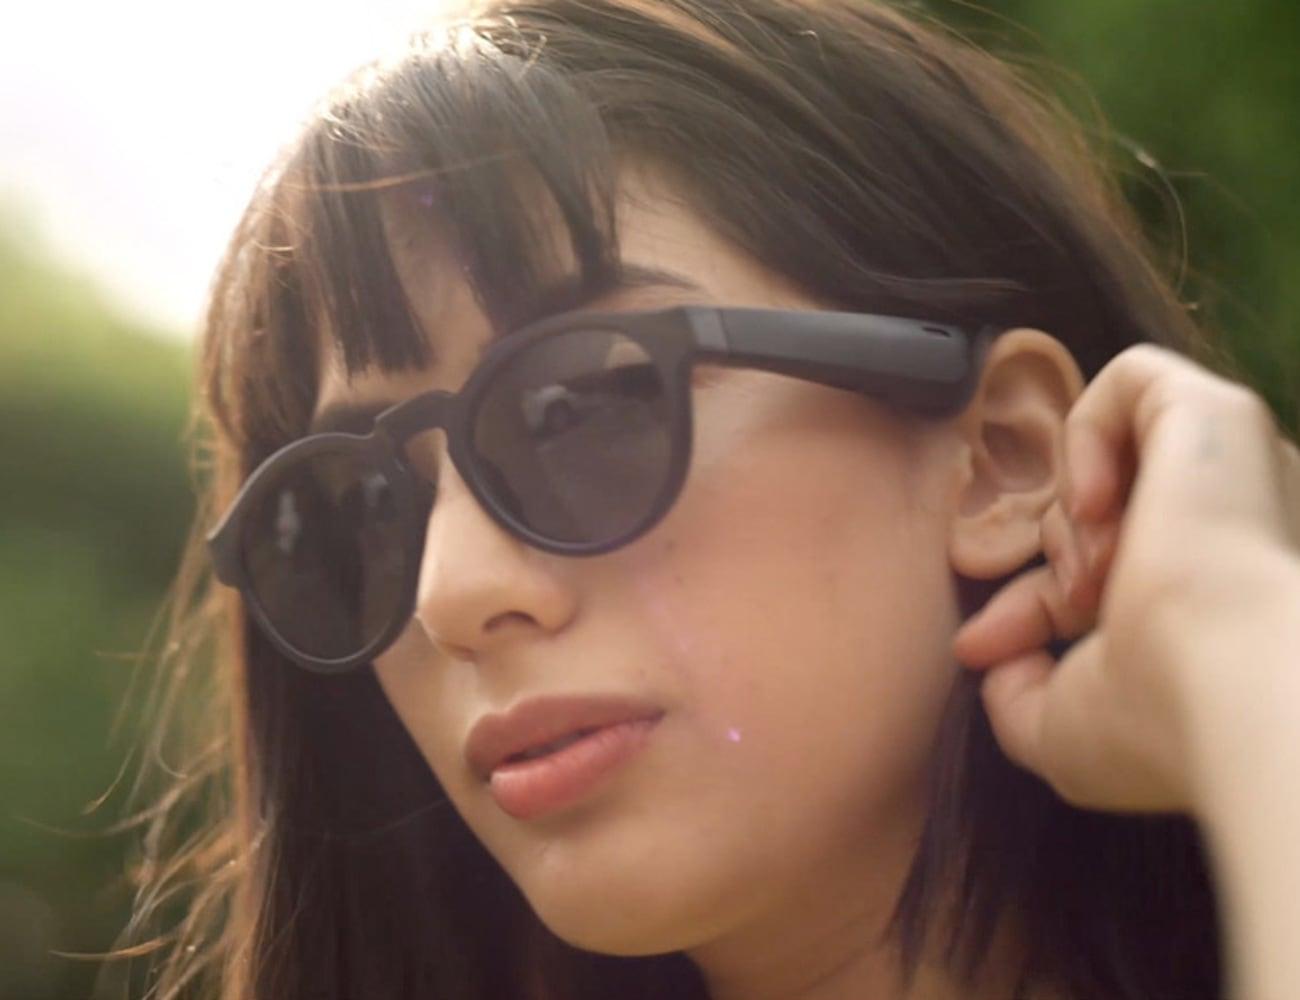 Bose Frames Audio AR Sunglasses